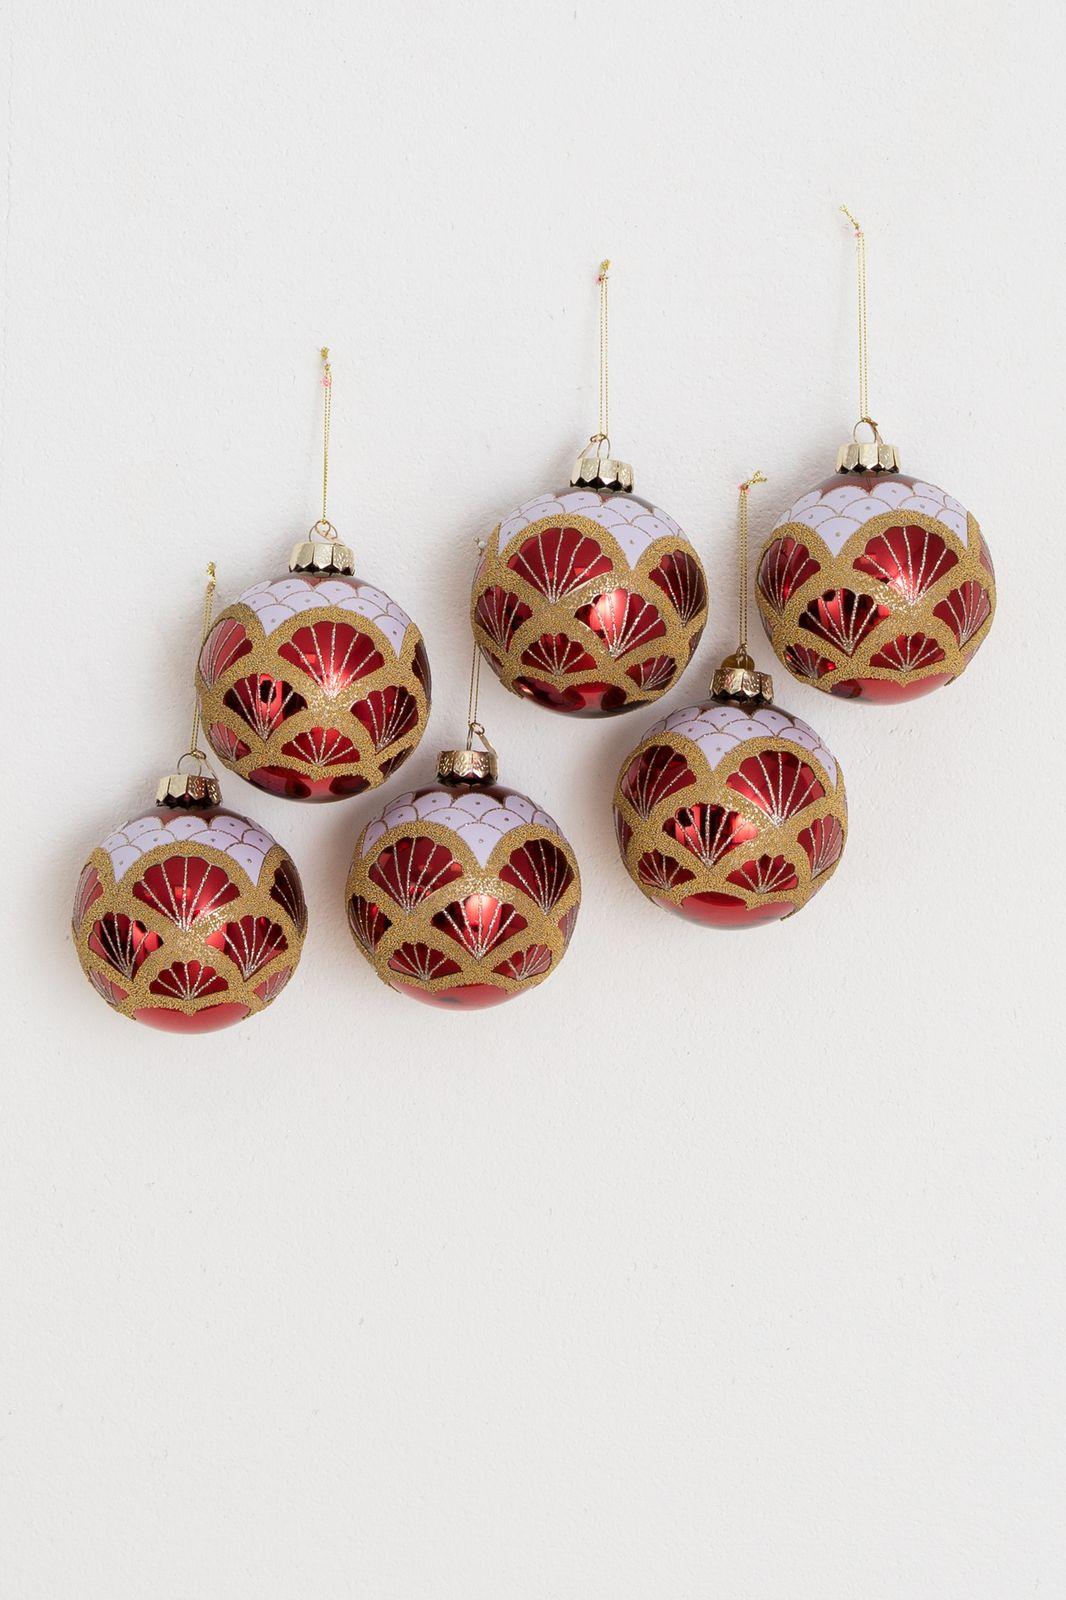 Rode bal met gouden details